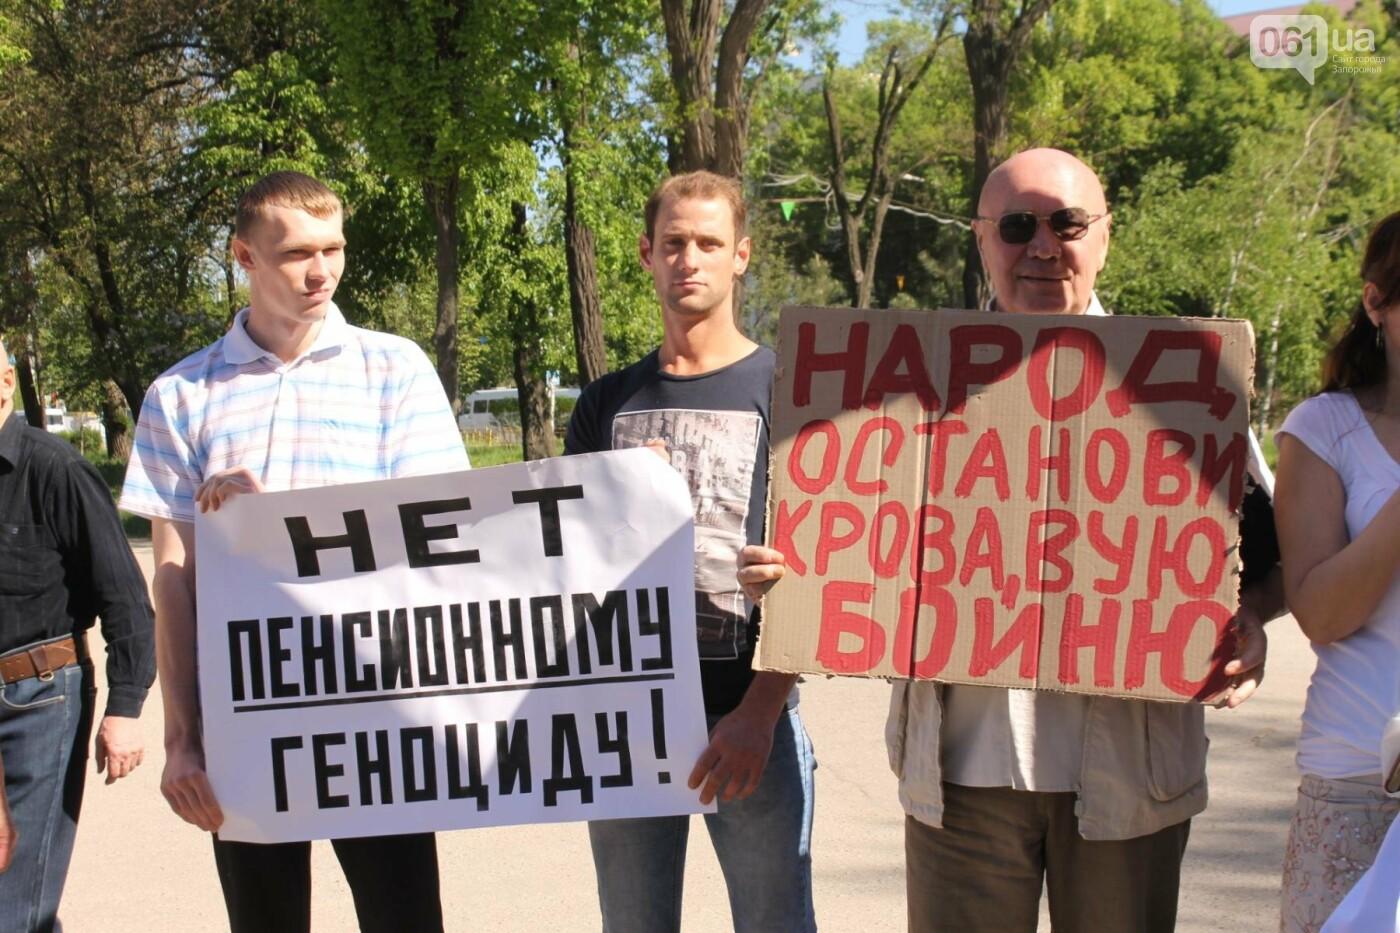 Запорожские коммунисты с красными флагами провели митинг к 1 мая: к «вечному огню» на Свободы пришли полсотни людей, – ФОТОРЕПОРТАЖ, фото-8